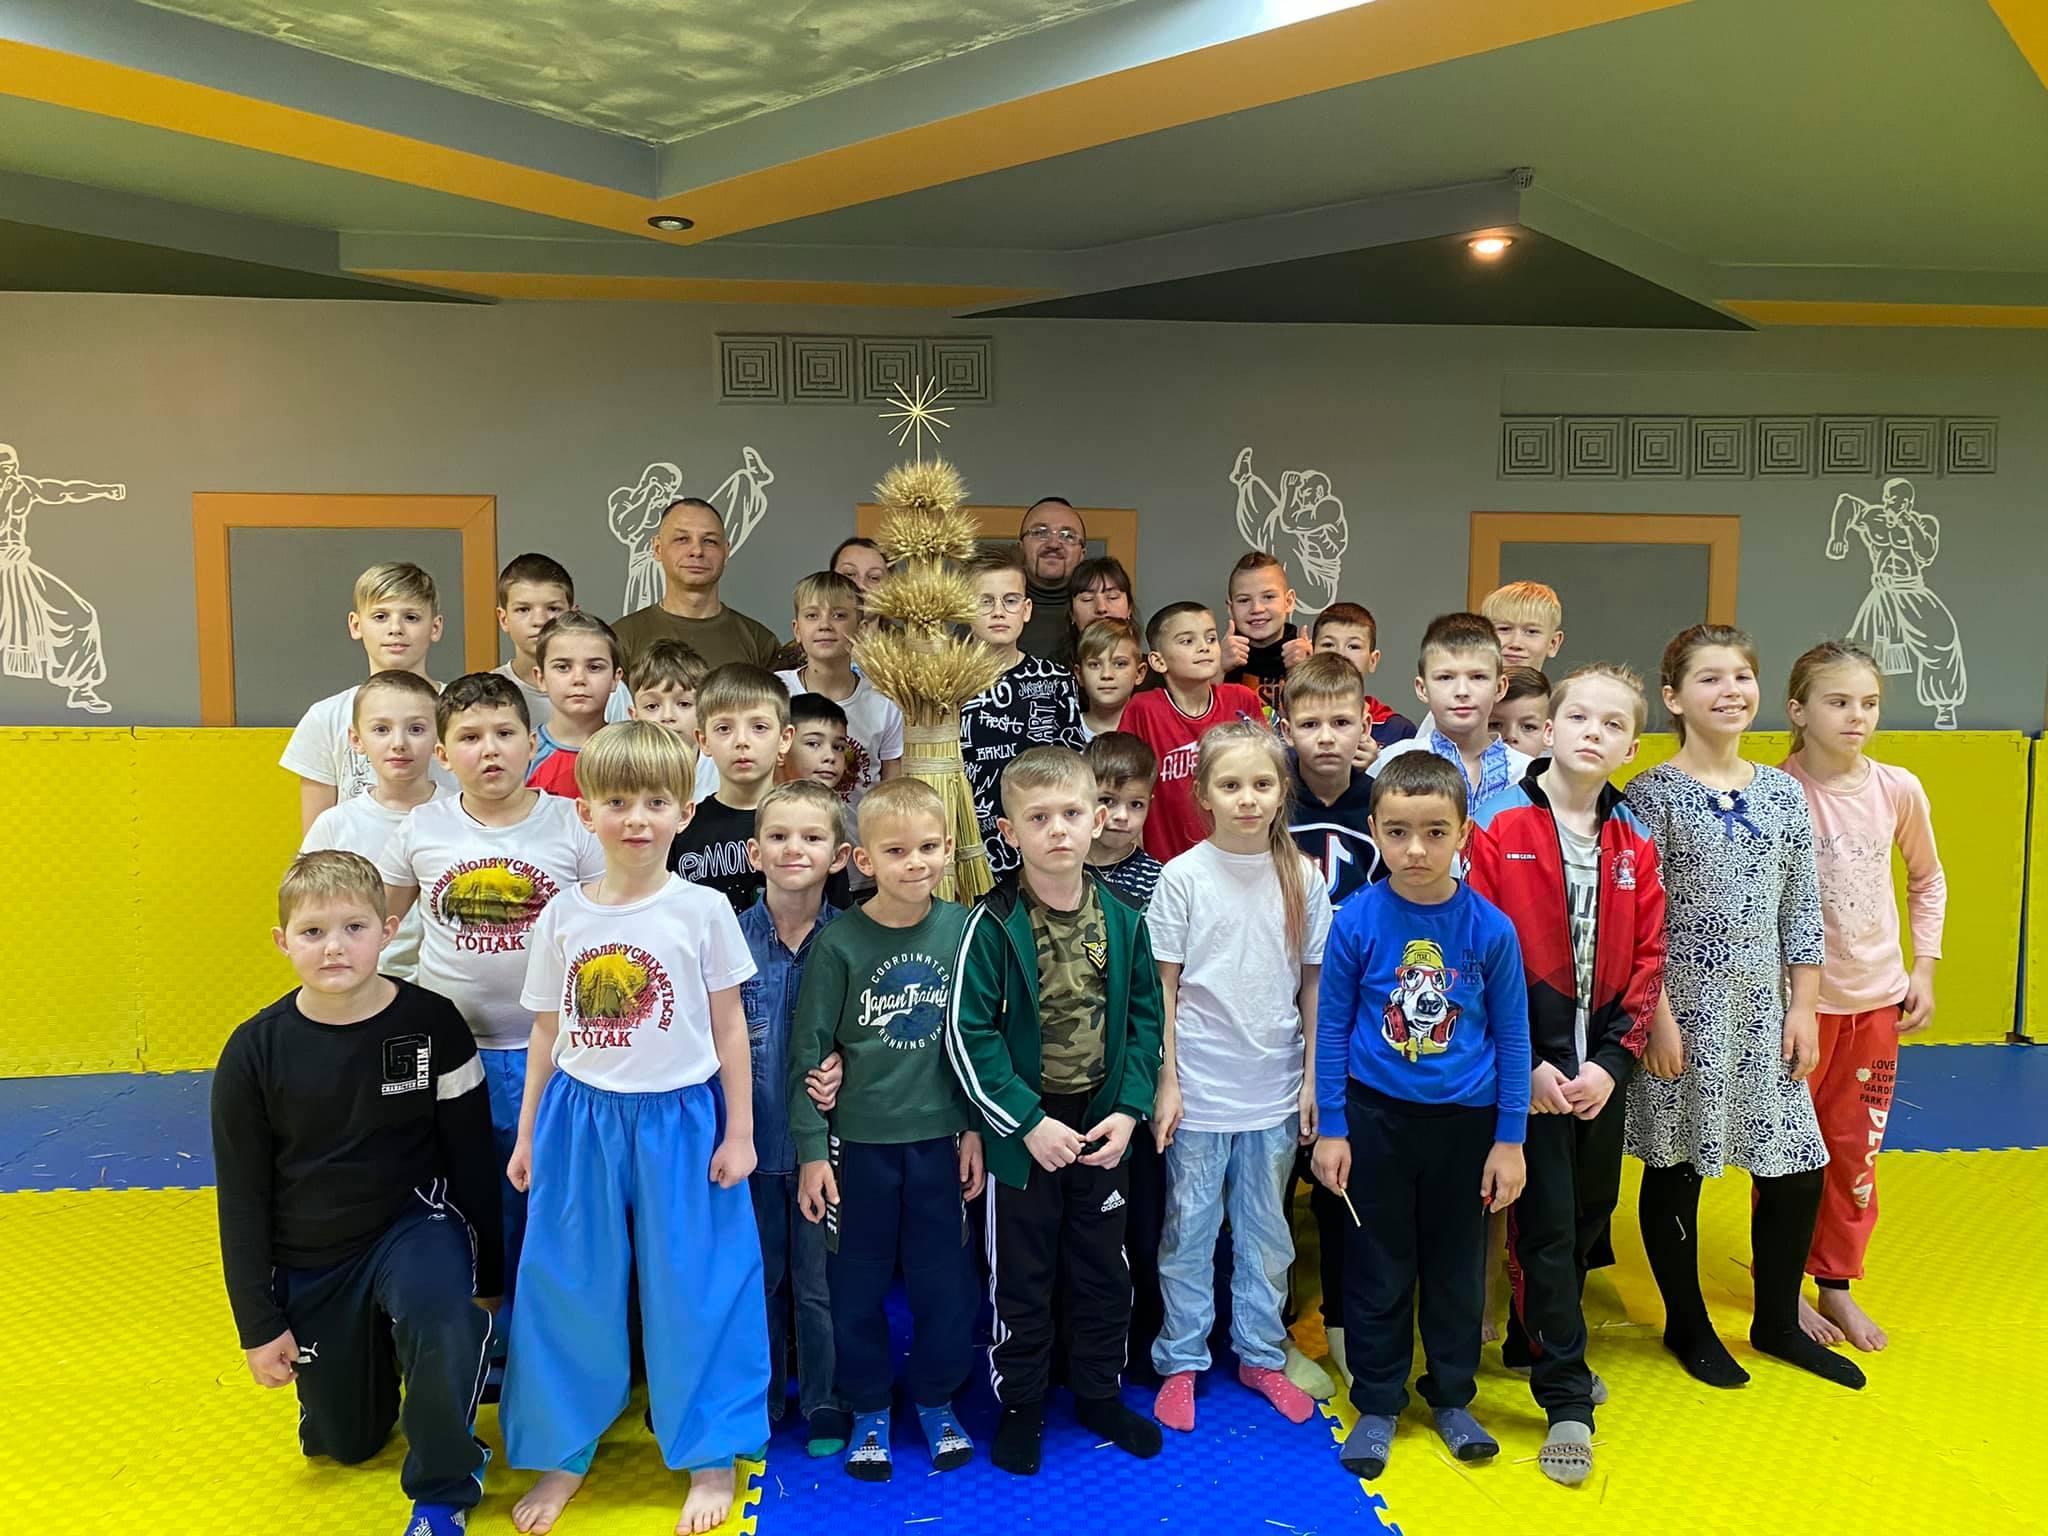 Луцький клуб «Герць» організував майстер-клас з виготовлення дідуха